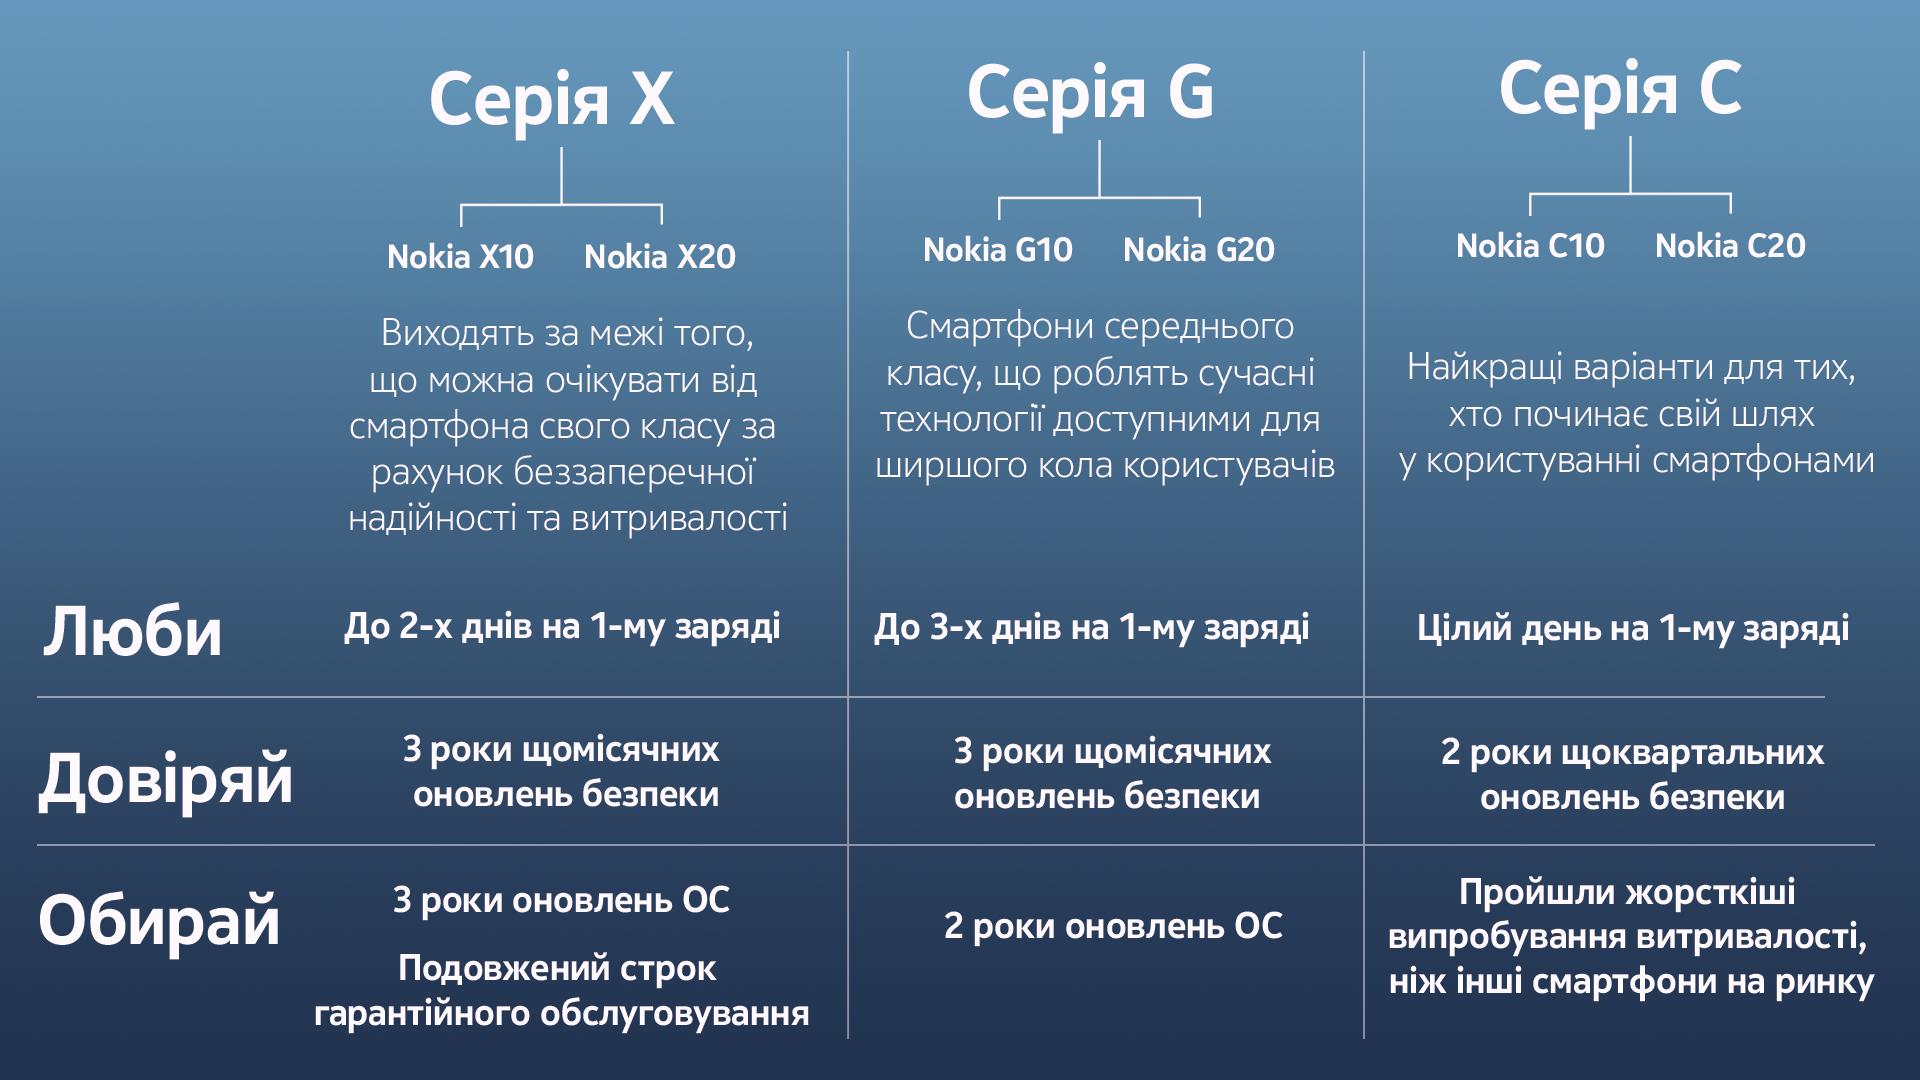 Нові серії смартфонів Nokia